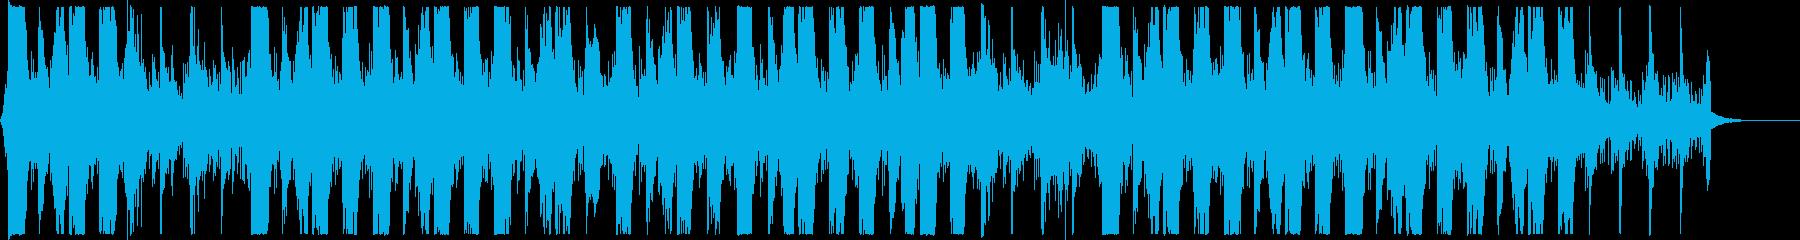 教育コンテンツ向け_03の再生済みの波形